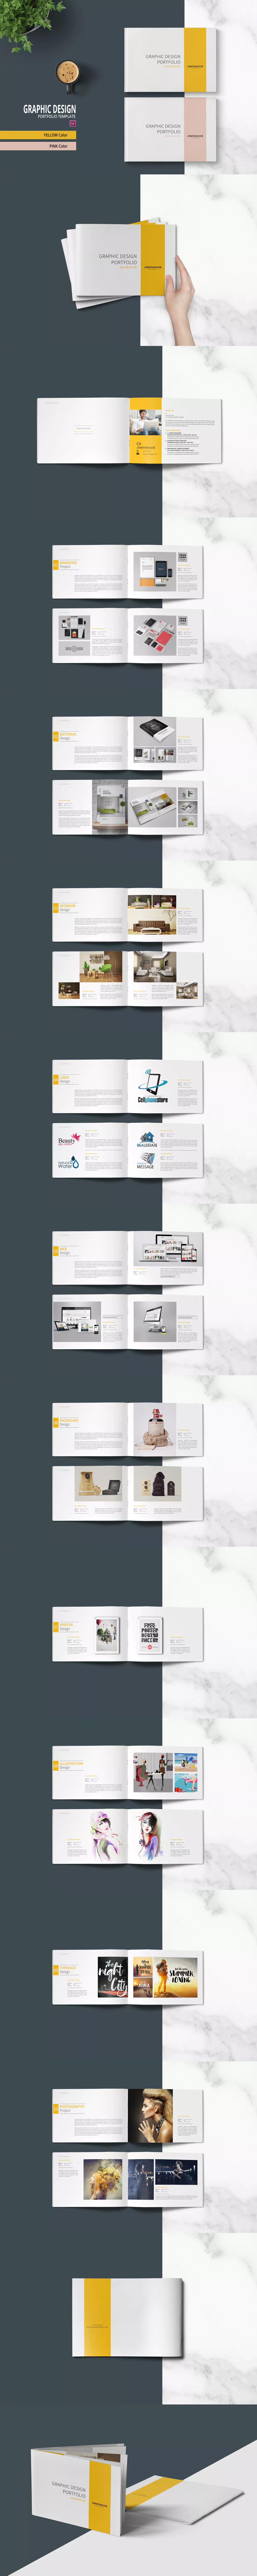 Graphic Design Portfolio Template InDesign INDD - A5 | Portfolio ...